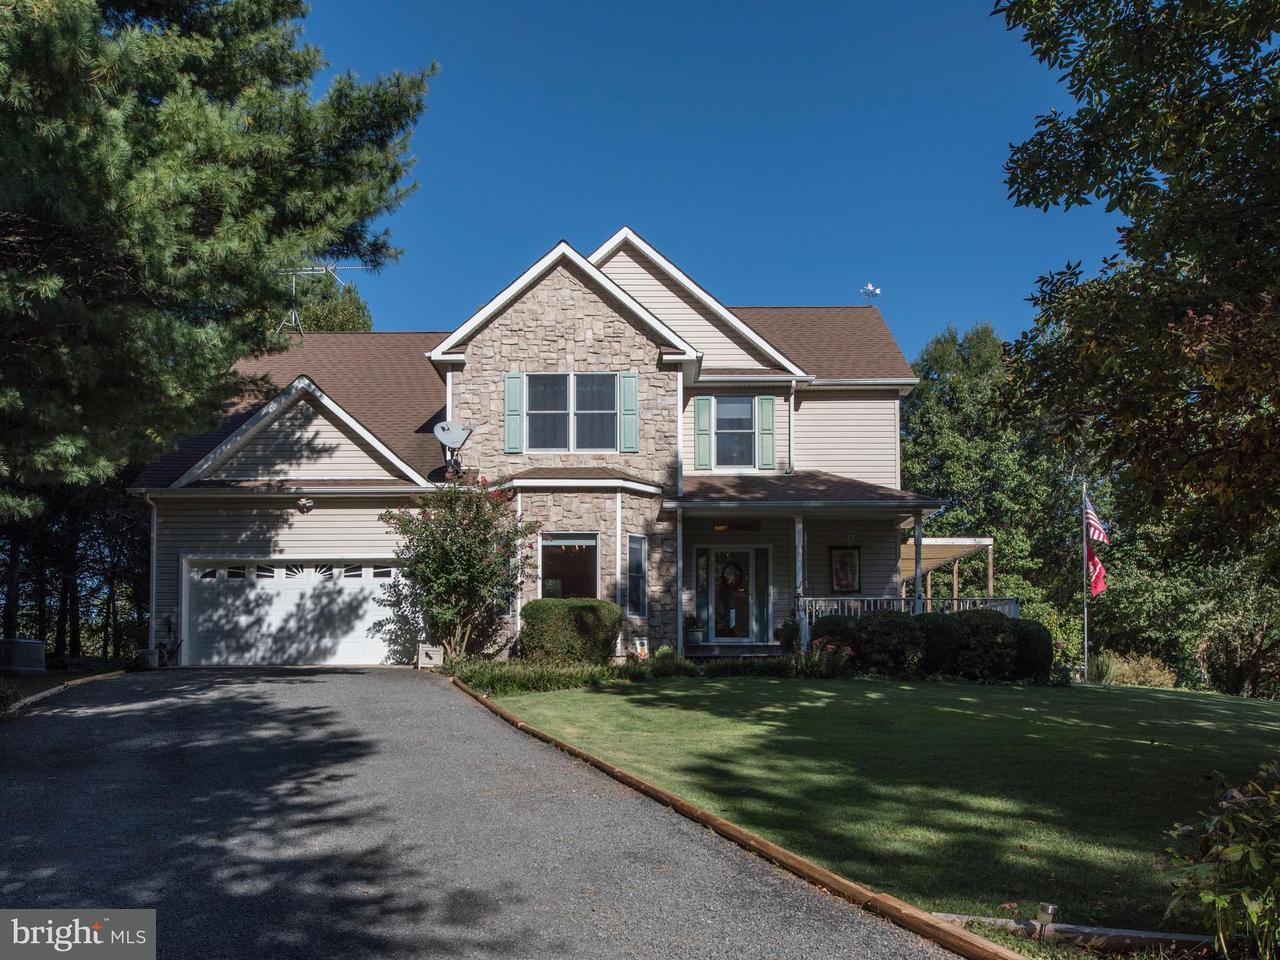 Μονοκατοικία για την Πώληση στο 520 N Anna Drive 520 N Anna Drive Louisa, Βιρτζινια 23093 Ηνωμενεσ Πολιτειεσ